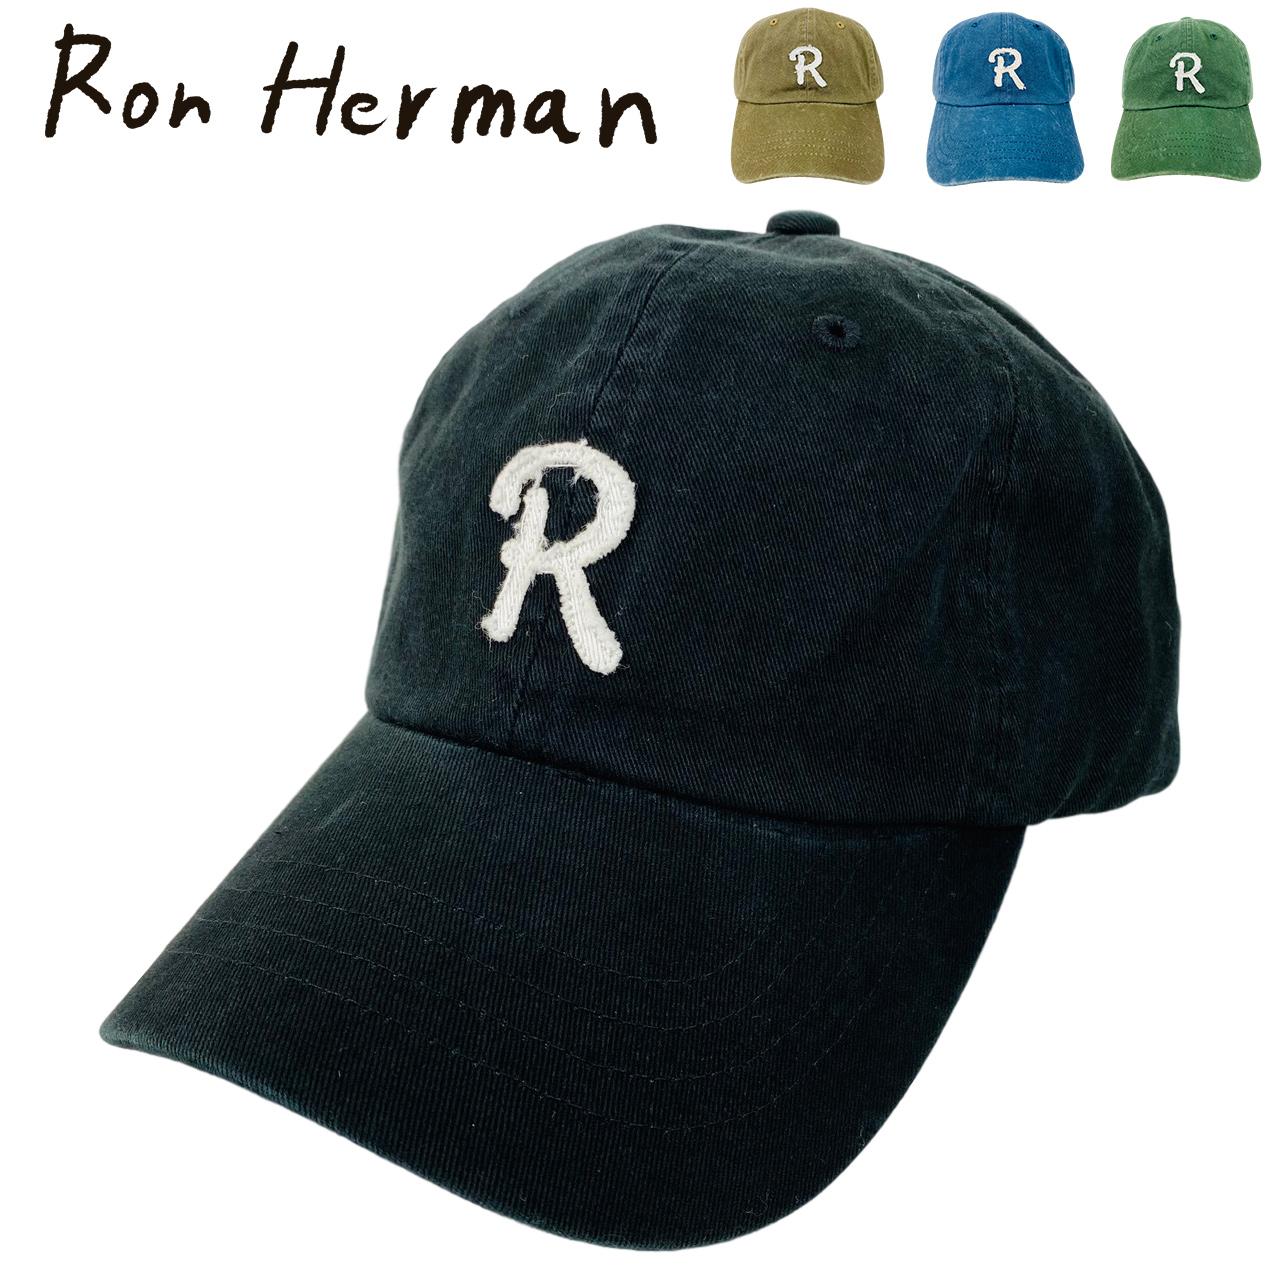 送料無料 ロンハーマン ロゴ キャップ 帽子 Ron 新品 Herman 1年保証 ベースボールキャップ 限定品